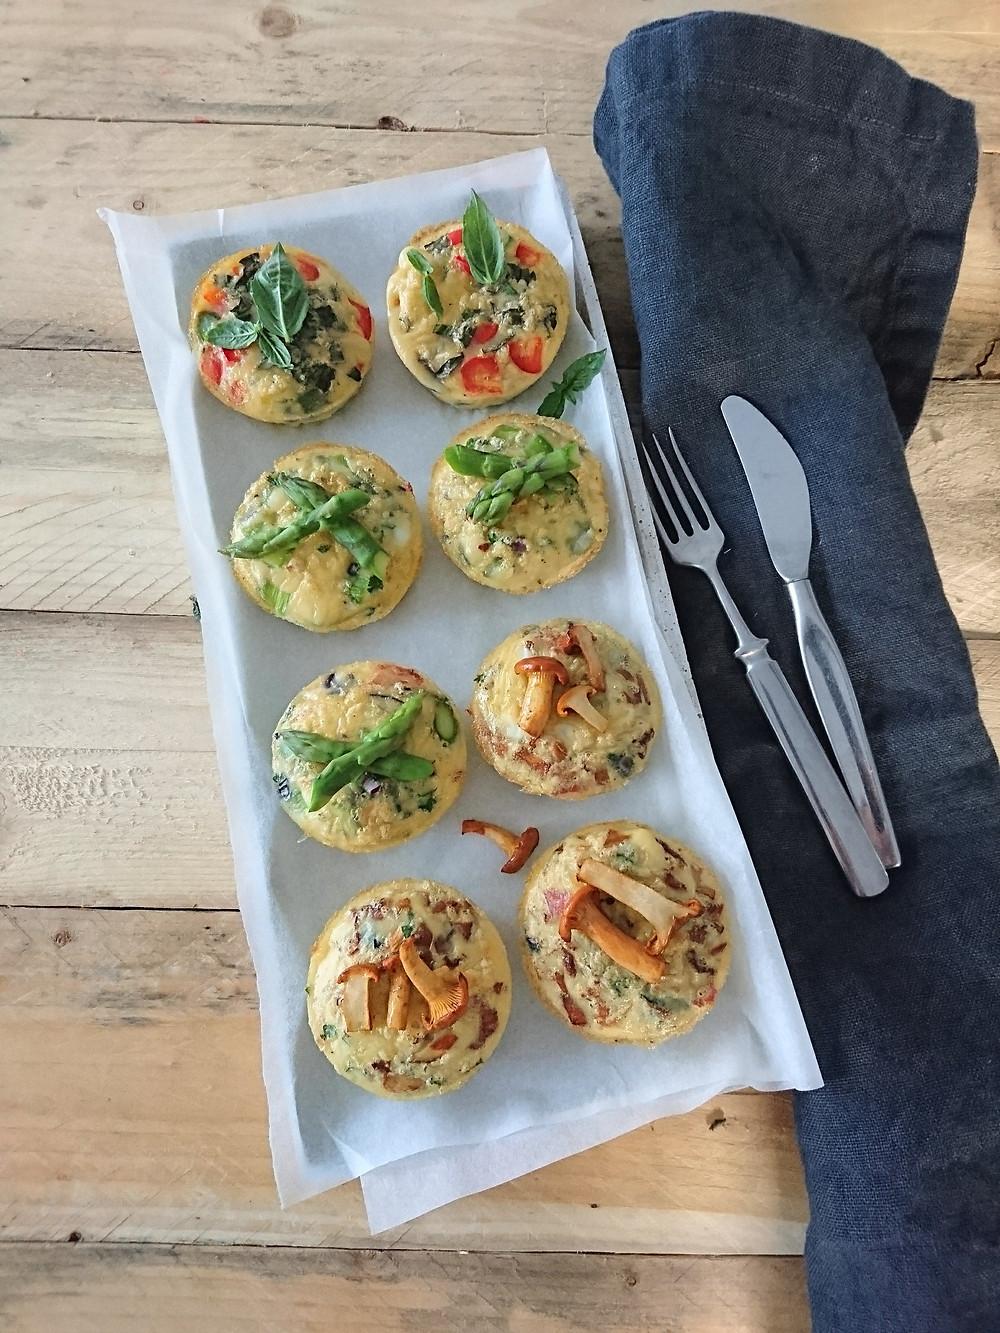 Tarjoa uunimunakkaat salaatin ja tuoreen leivän kera. Maidoton ja gluteeniton uunimunakas sopii brunssille, aamiaiselle, lounaalle ja välipalalle.